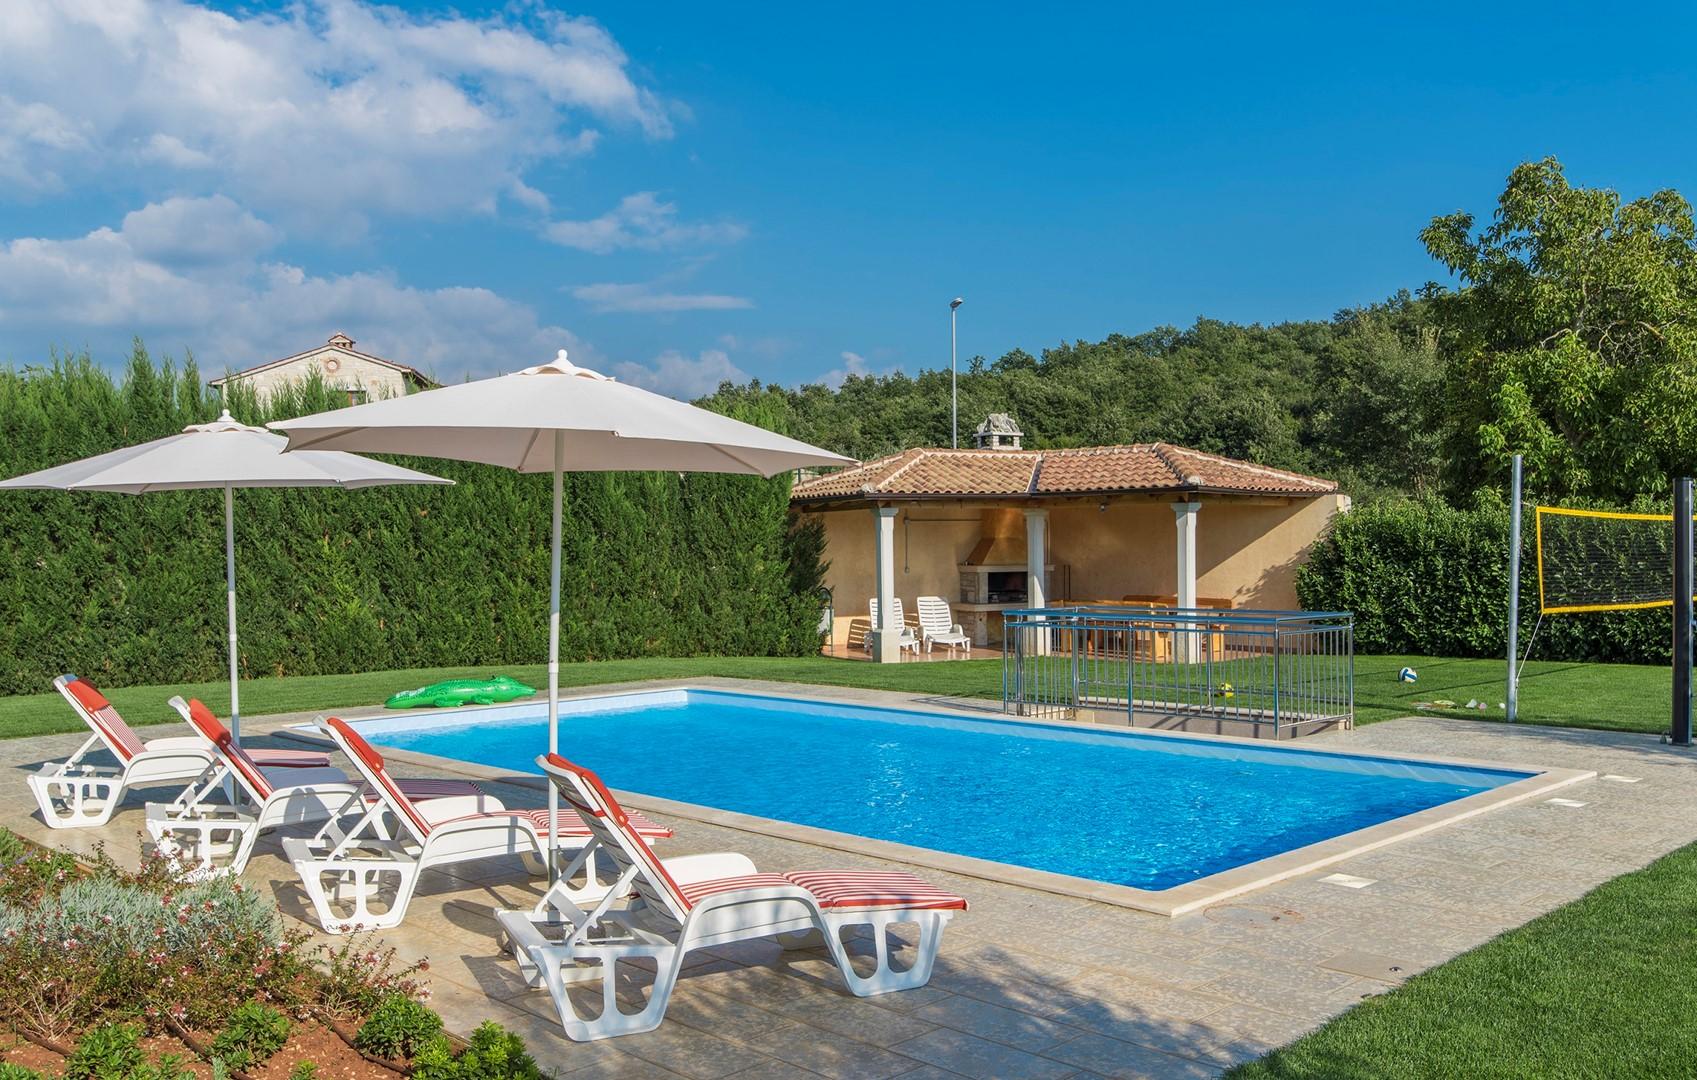 Ferienhaus Geräumige Villa Nikka mit schönem Garten und Pool (1412592), Kanfanar, , Istrien, Kroatien, Bild 5